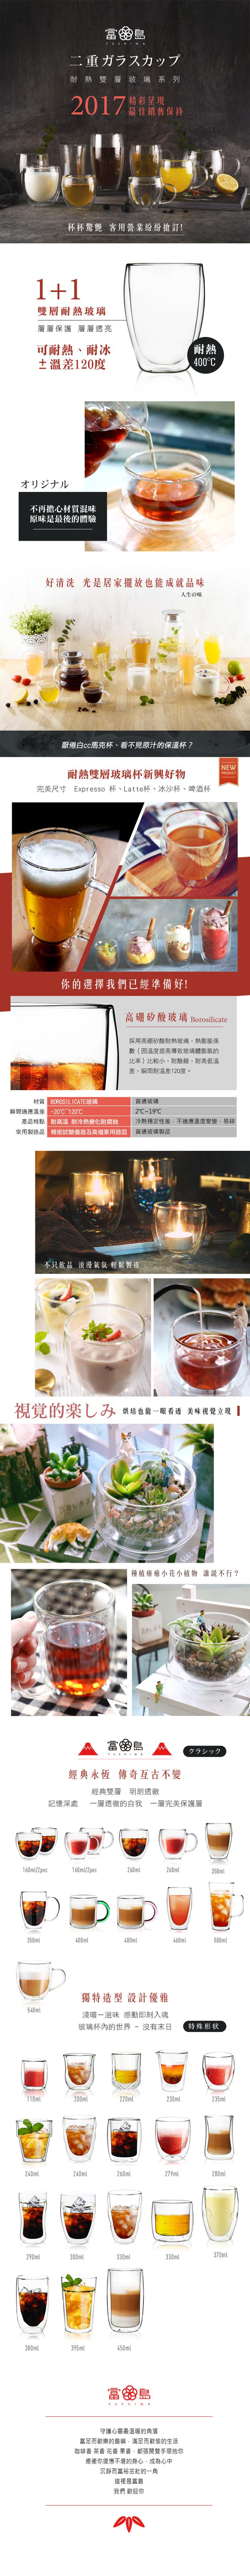 FUSHIMA 富島|風雅陶瓷濾杯+木片+鐵架+雙層玻璃杯350ML經典組(白濾杯+玫瑰金鐵架)